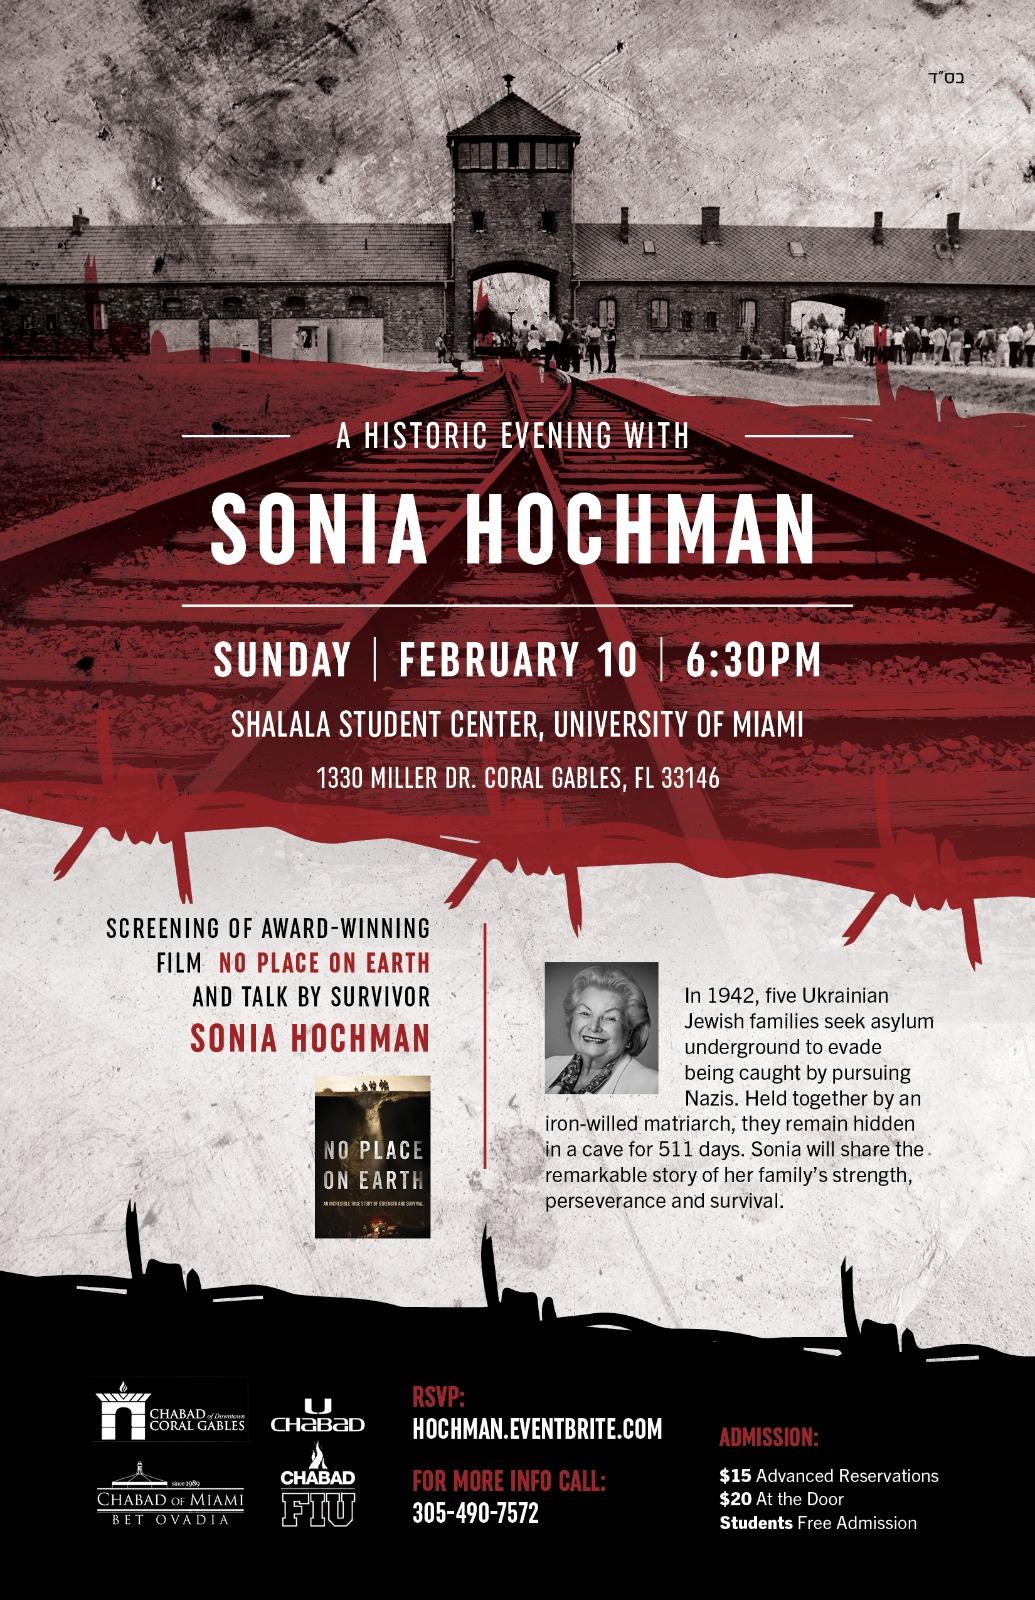 Sonia Hochman